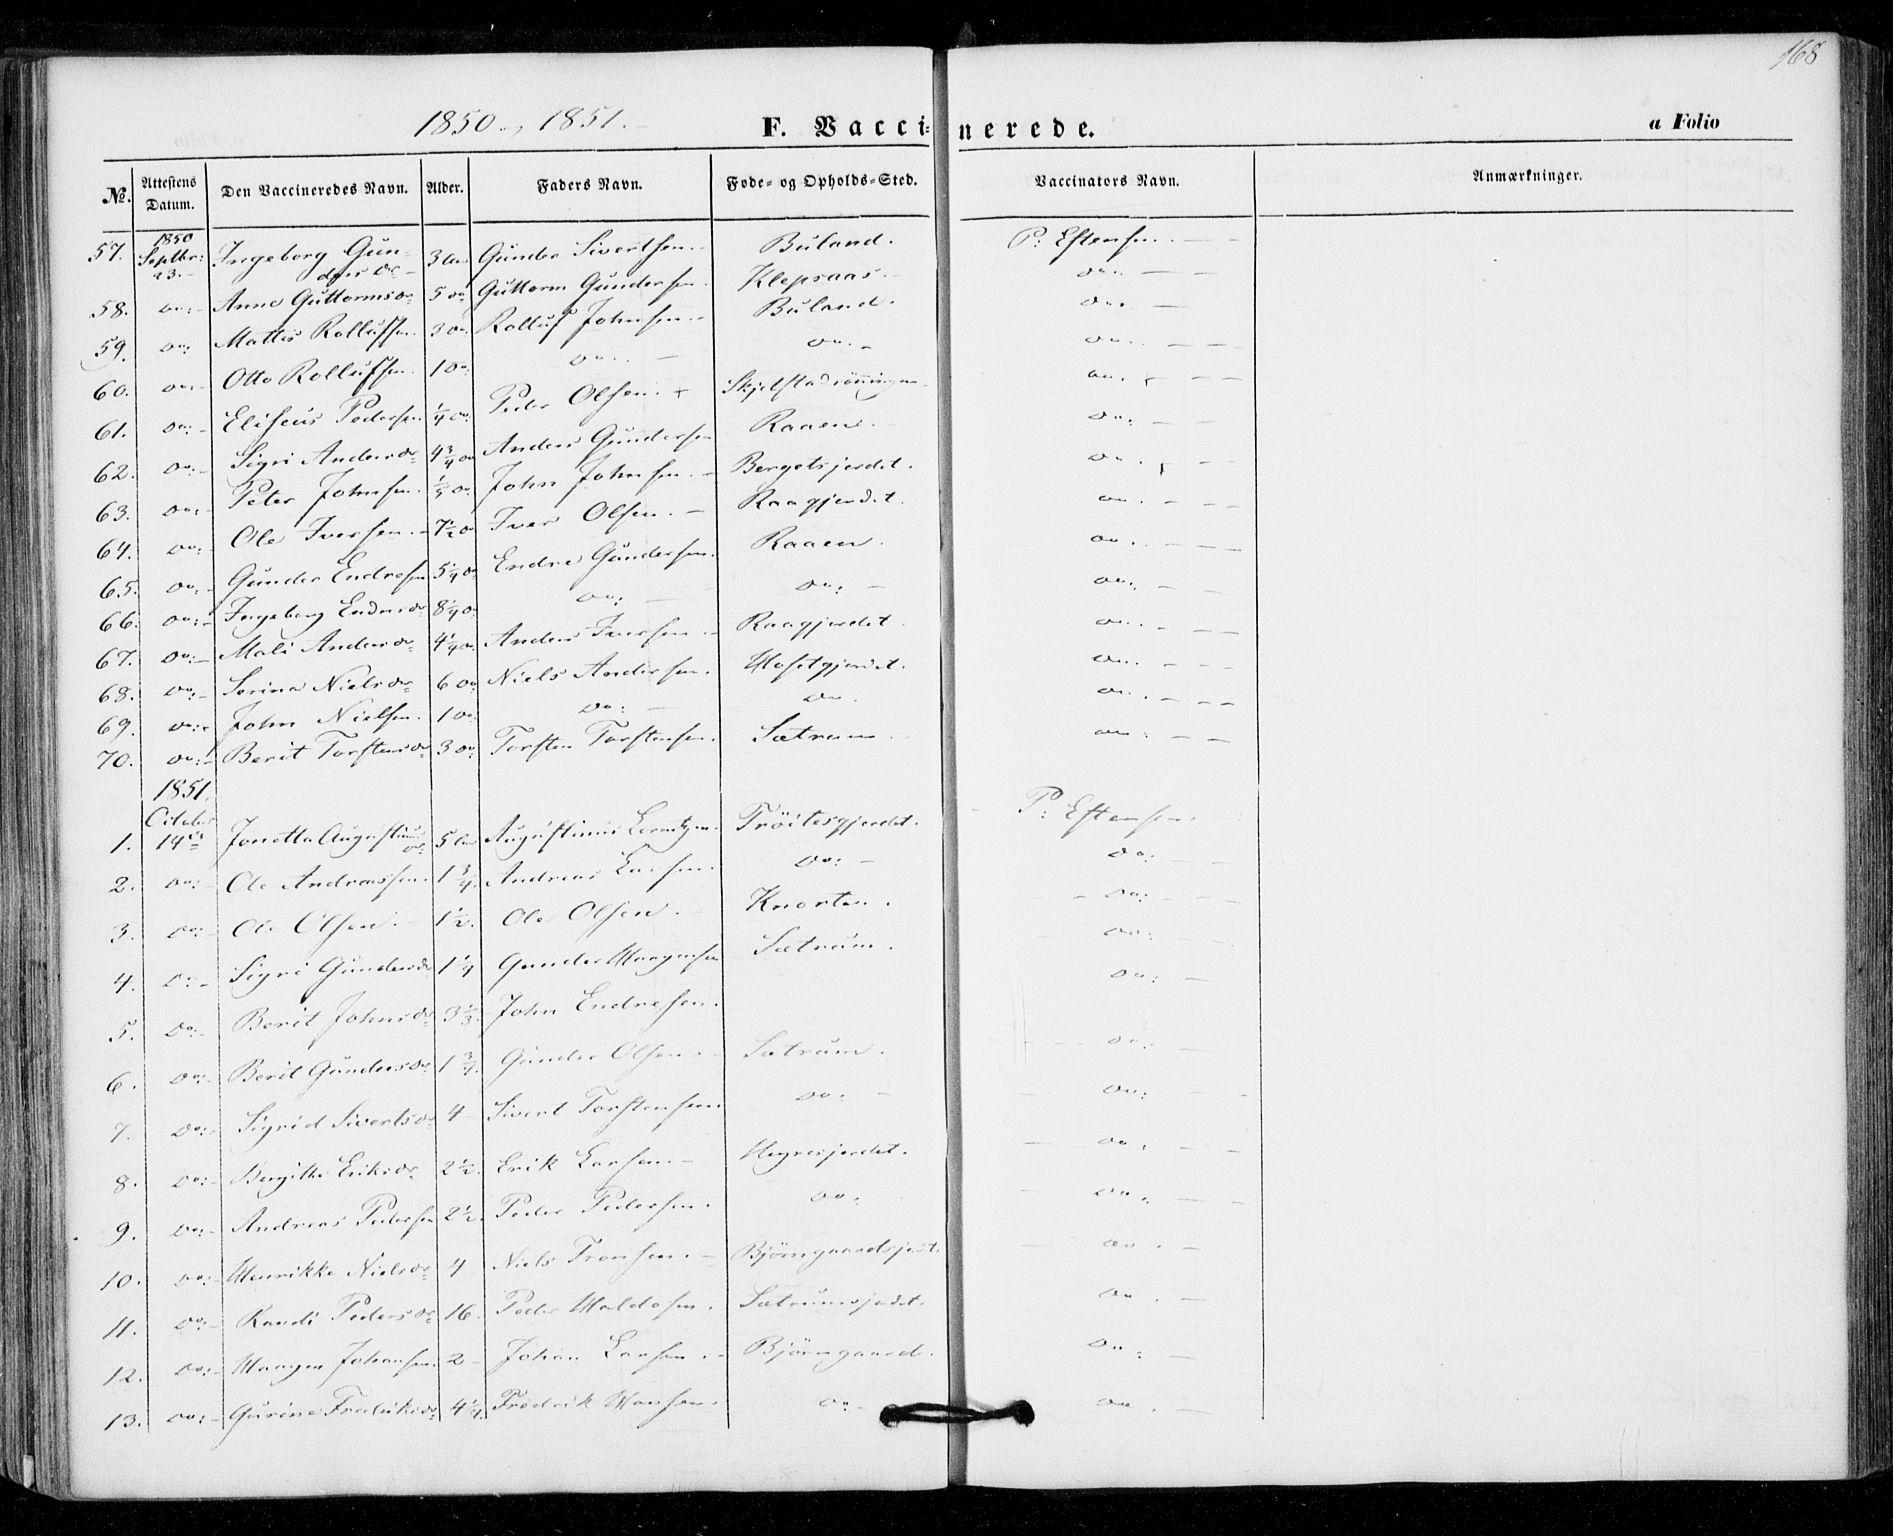 SAT, Ministerialprotokoller, klokkerbøker og fødselsregistre - Nord-Trøndelag, 703/L0028: Ministerialbok nr. 703A01, 1850-1862, s. 168